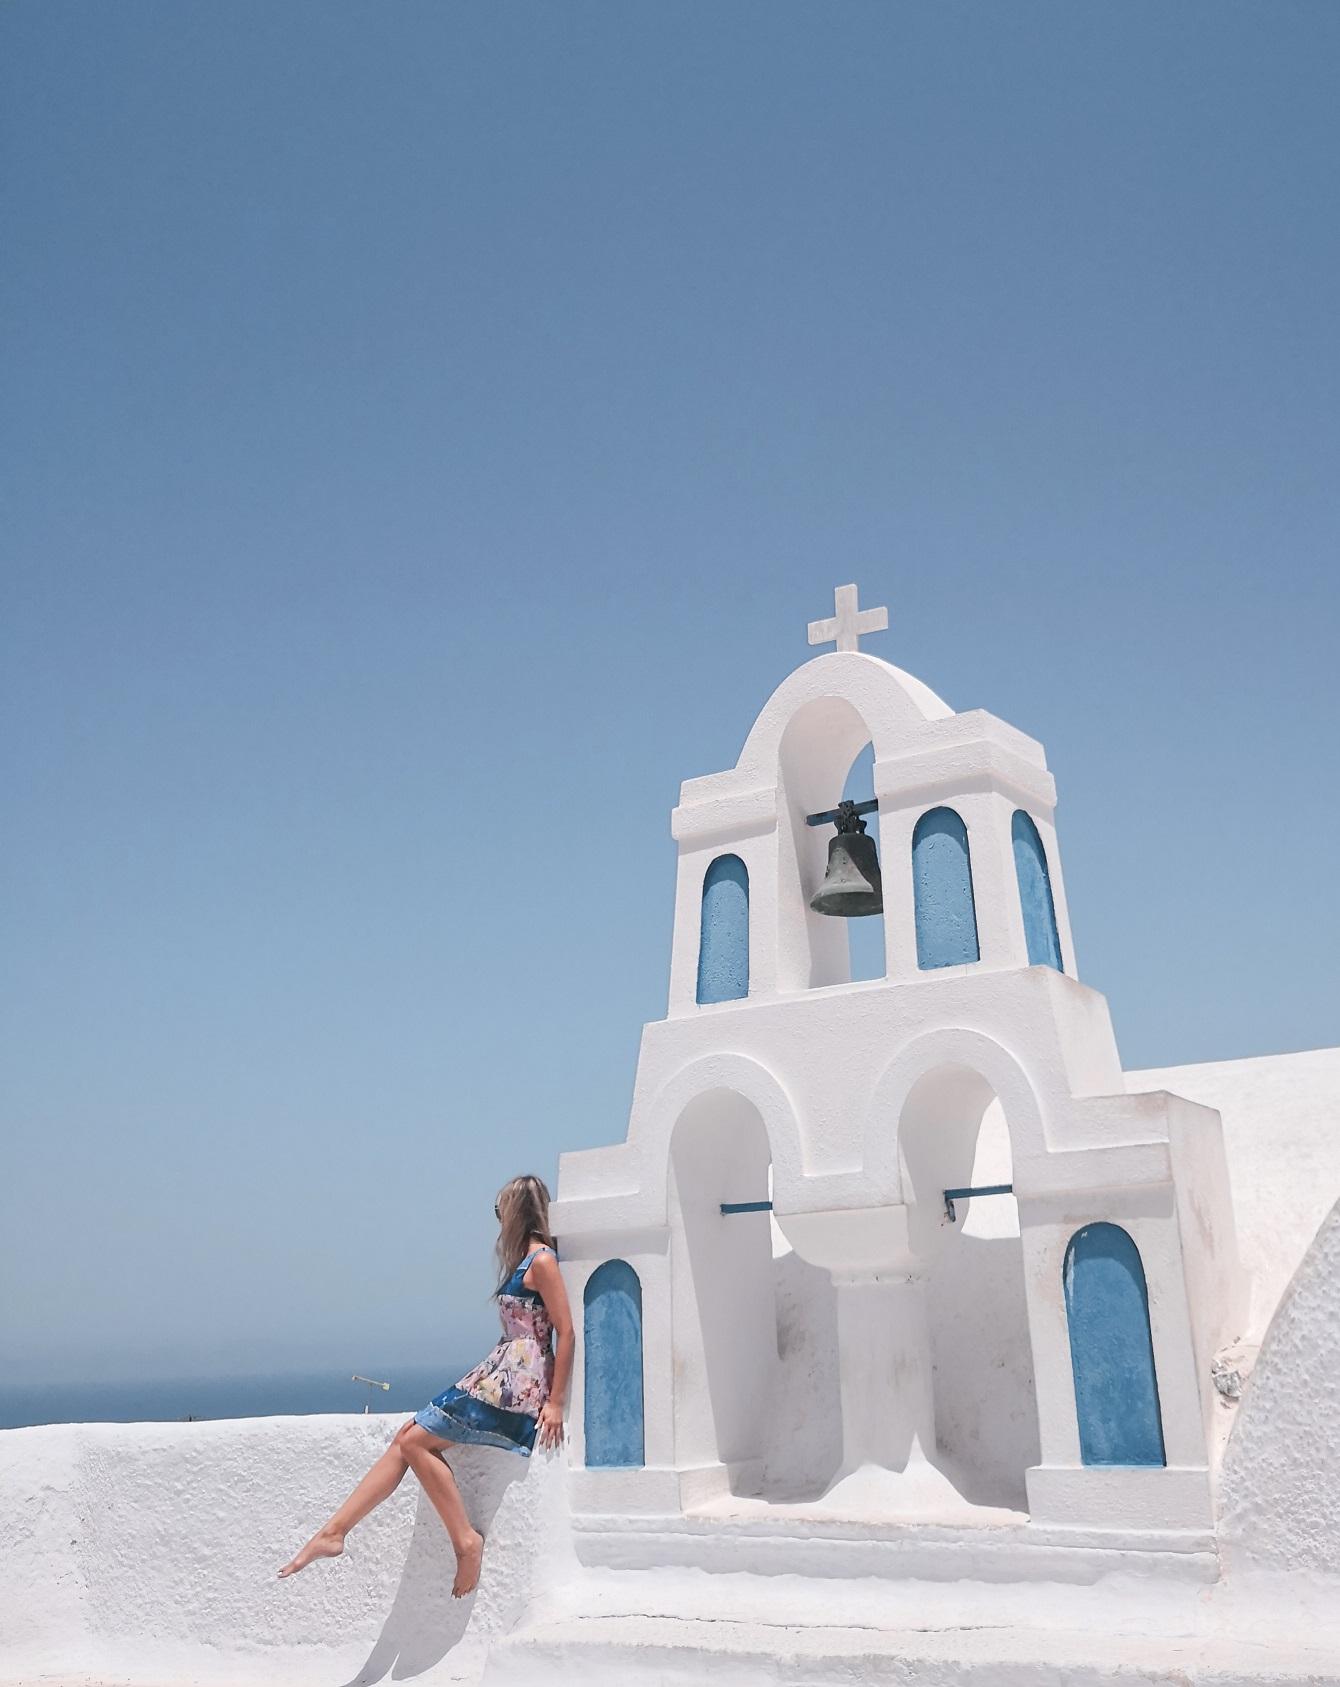 grška tradicionalna arhitektura